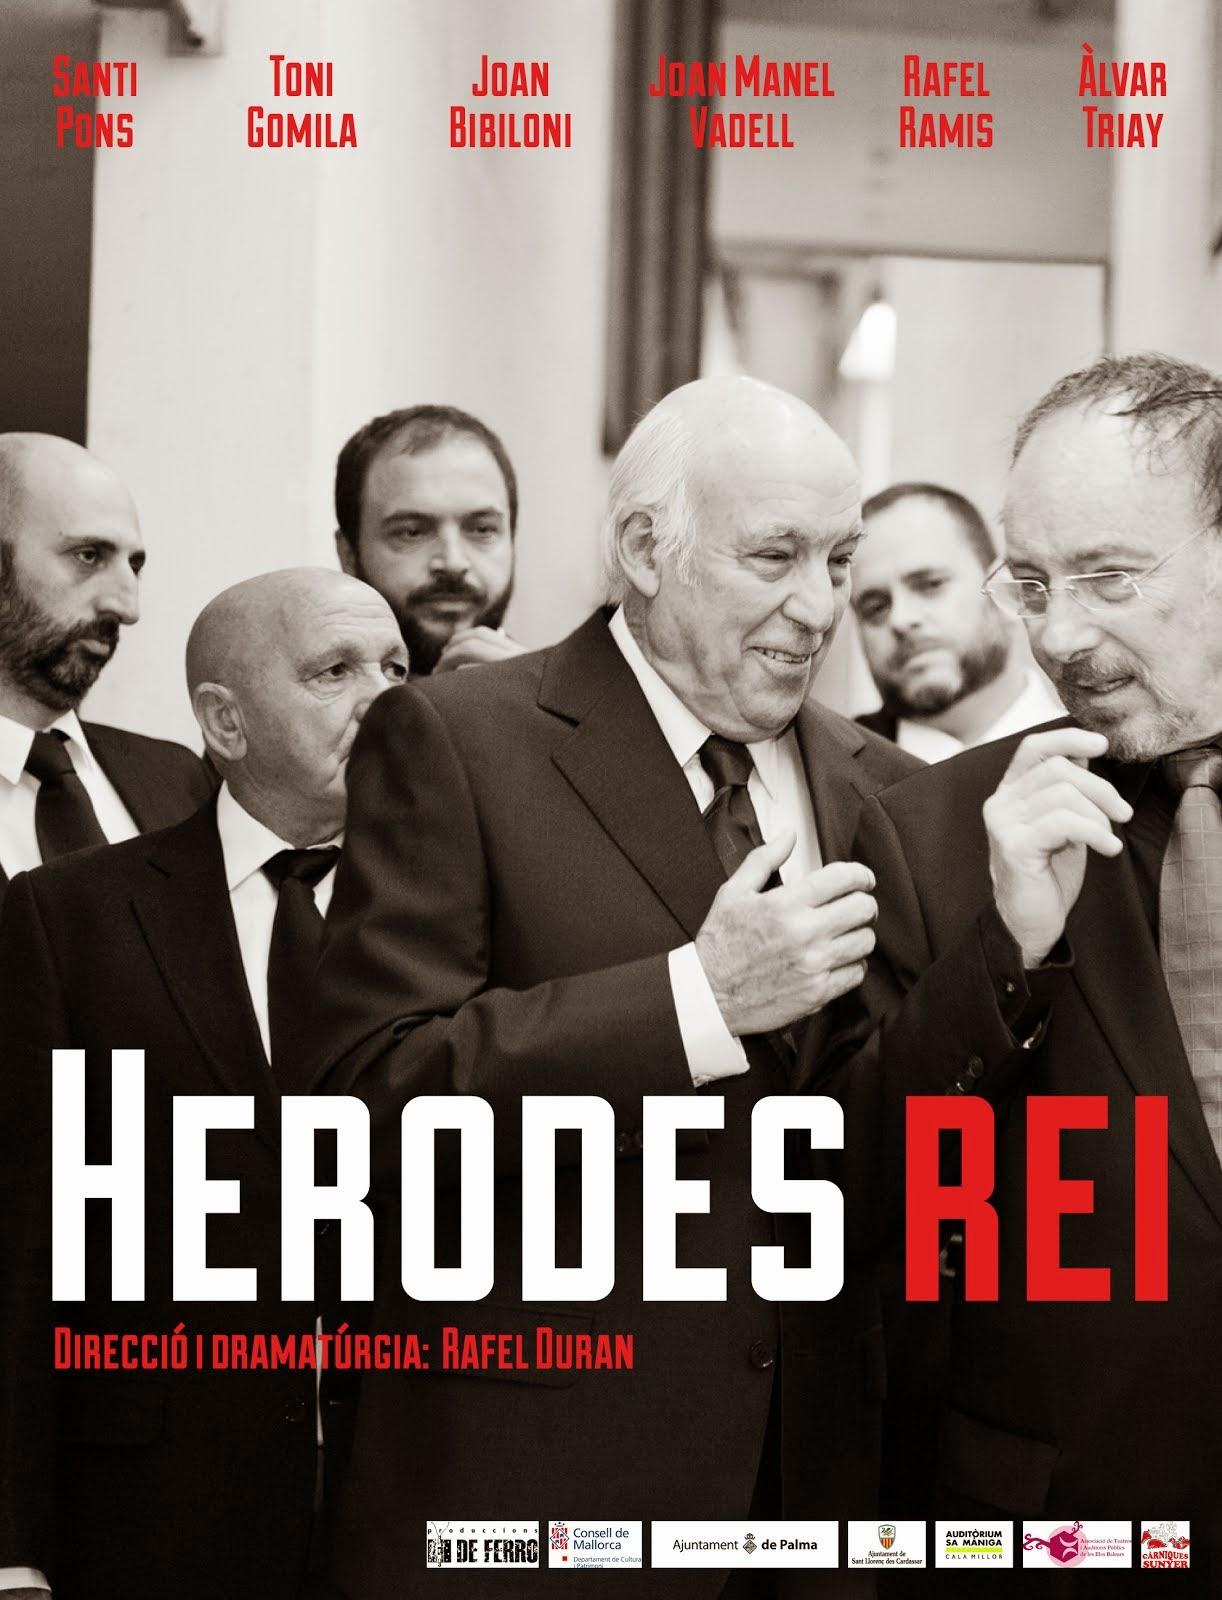 HERODES REI